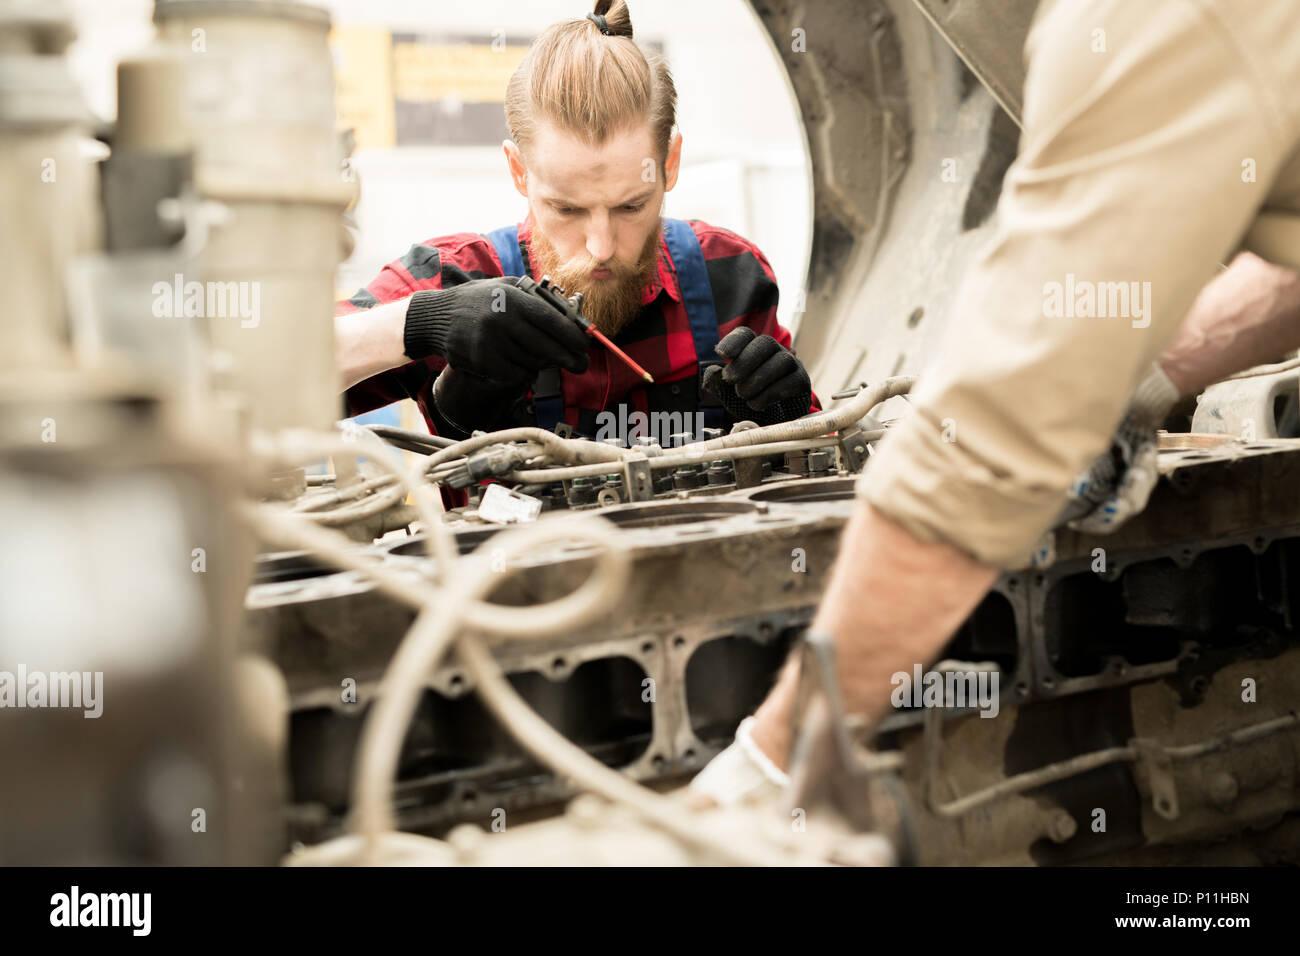 Mechanic Repairing Vehicle - Stock Image